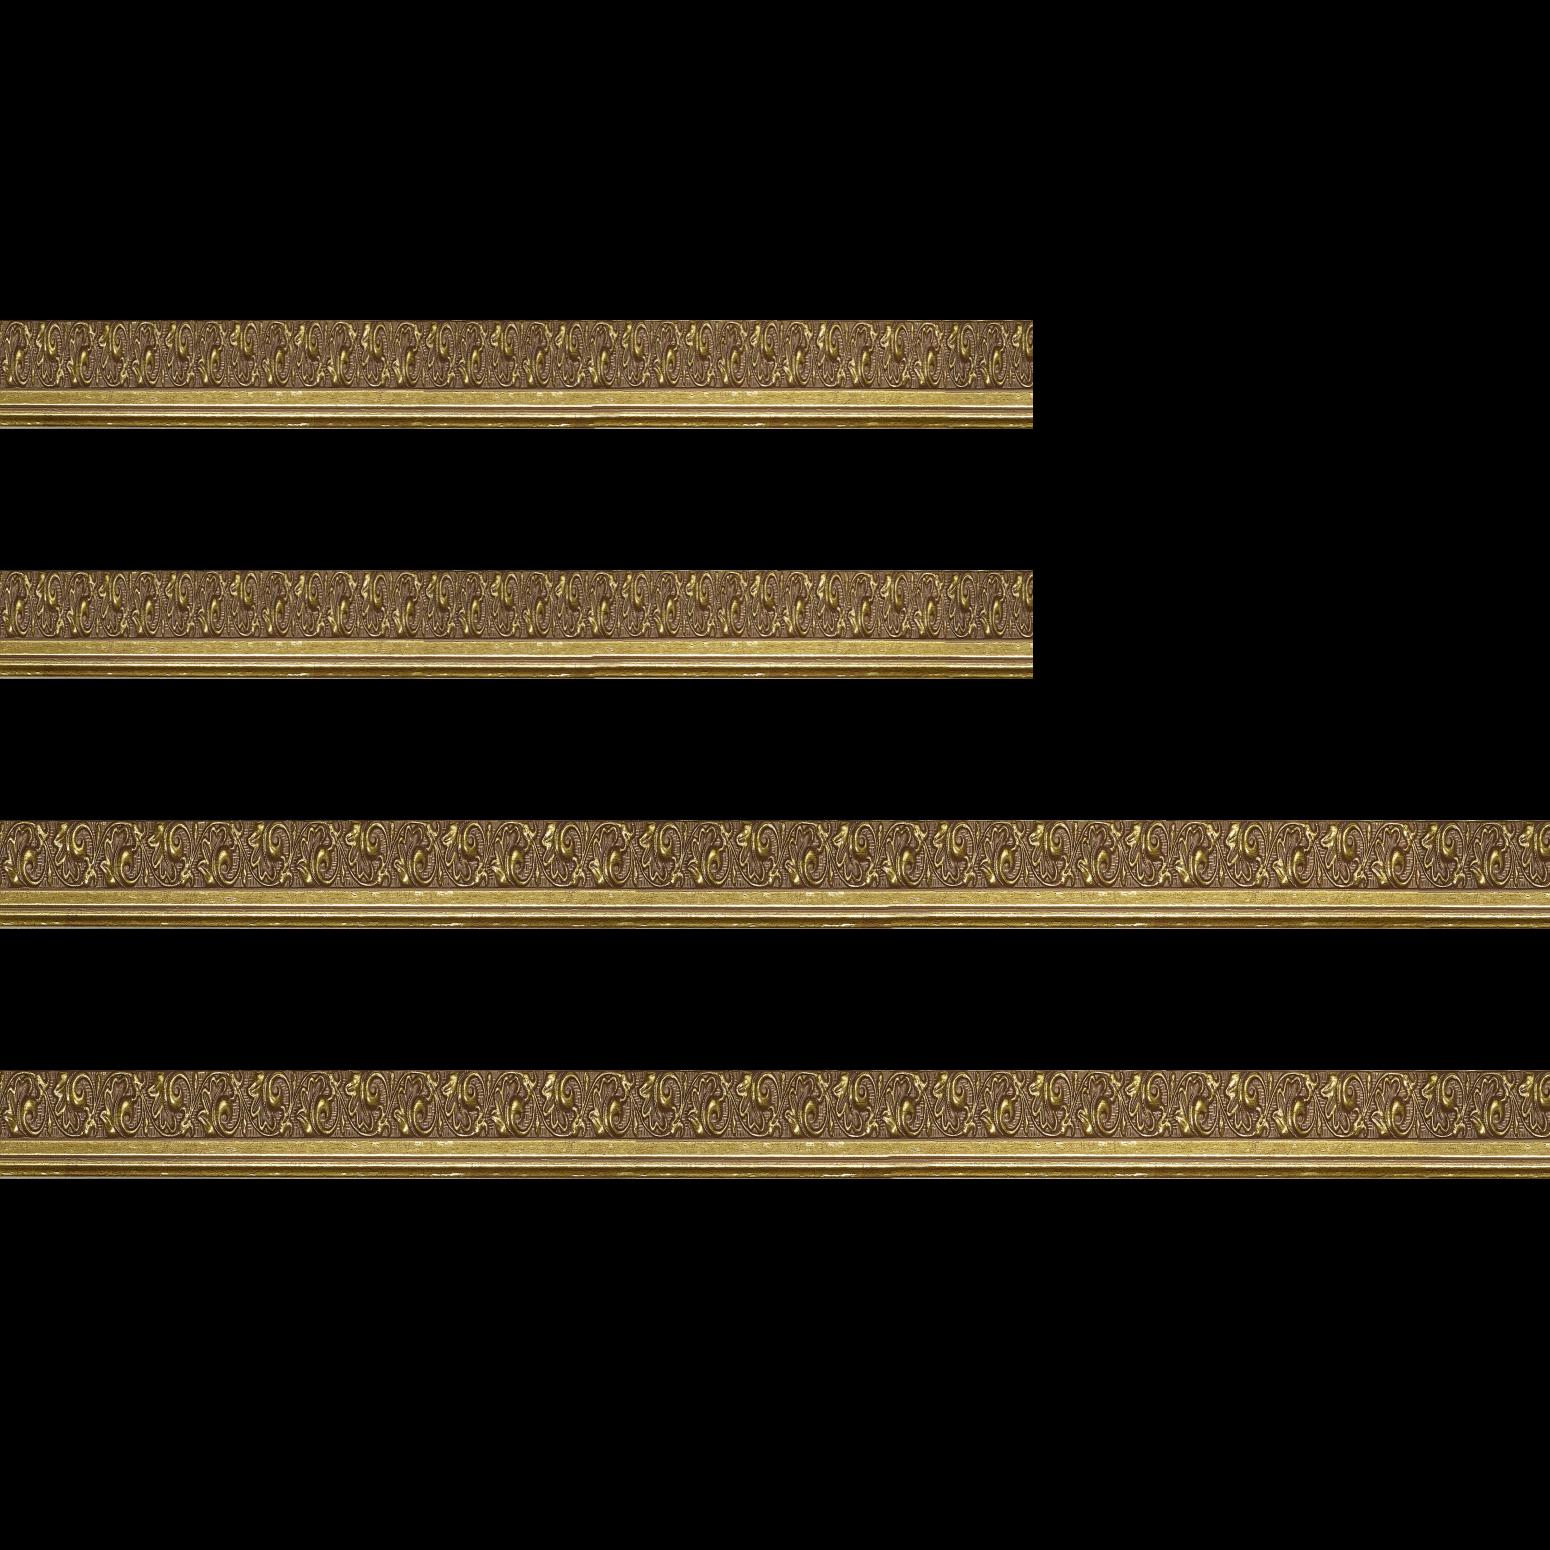 Baguette bois profil plat largeur 3.5cm or antique satiné décor frise